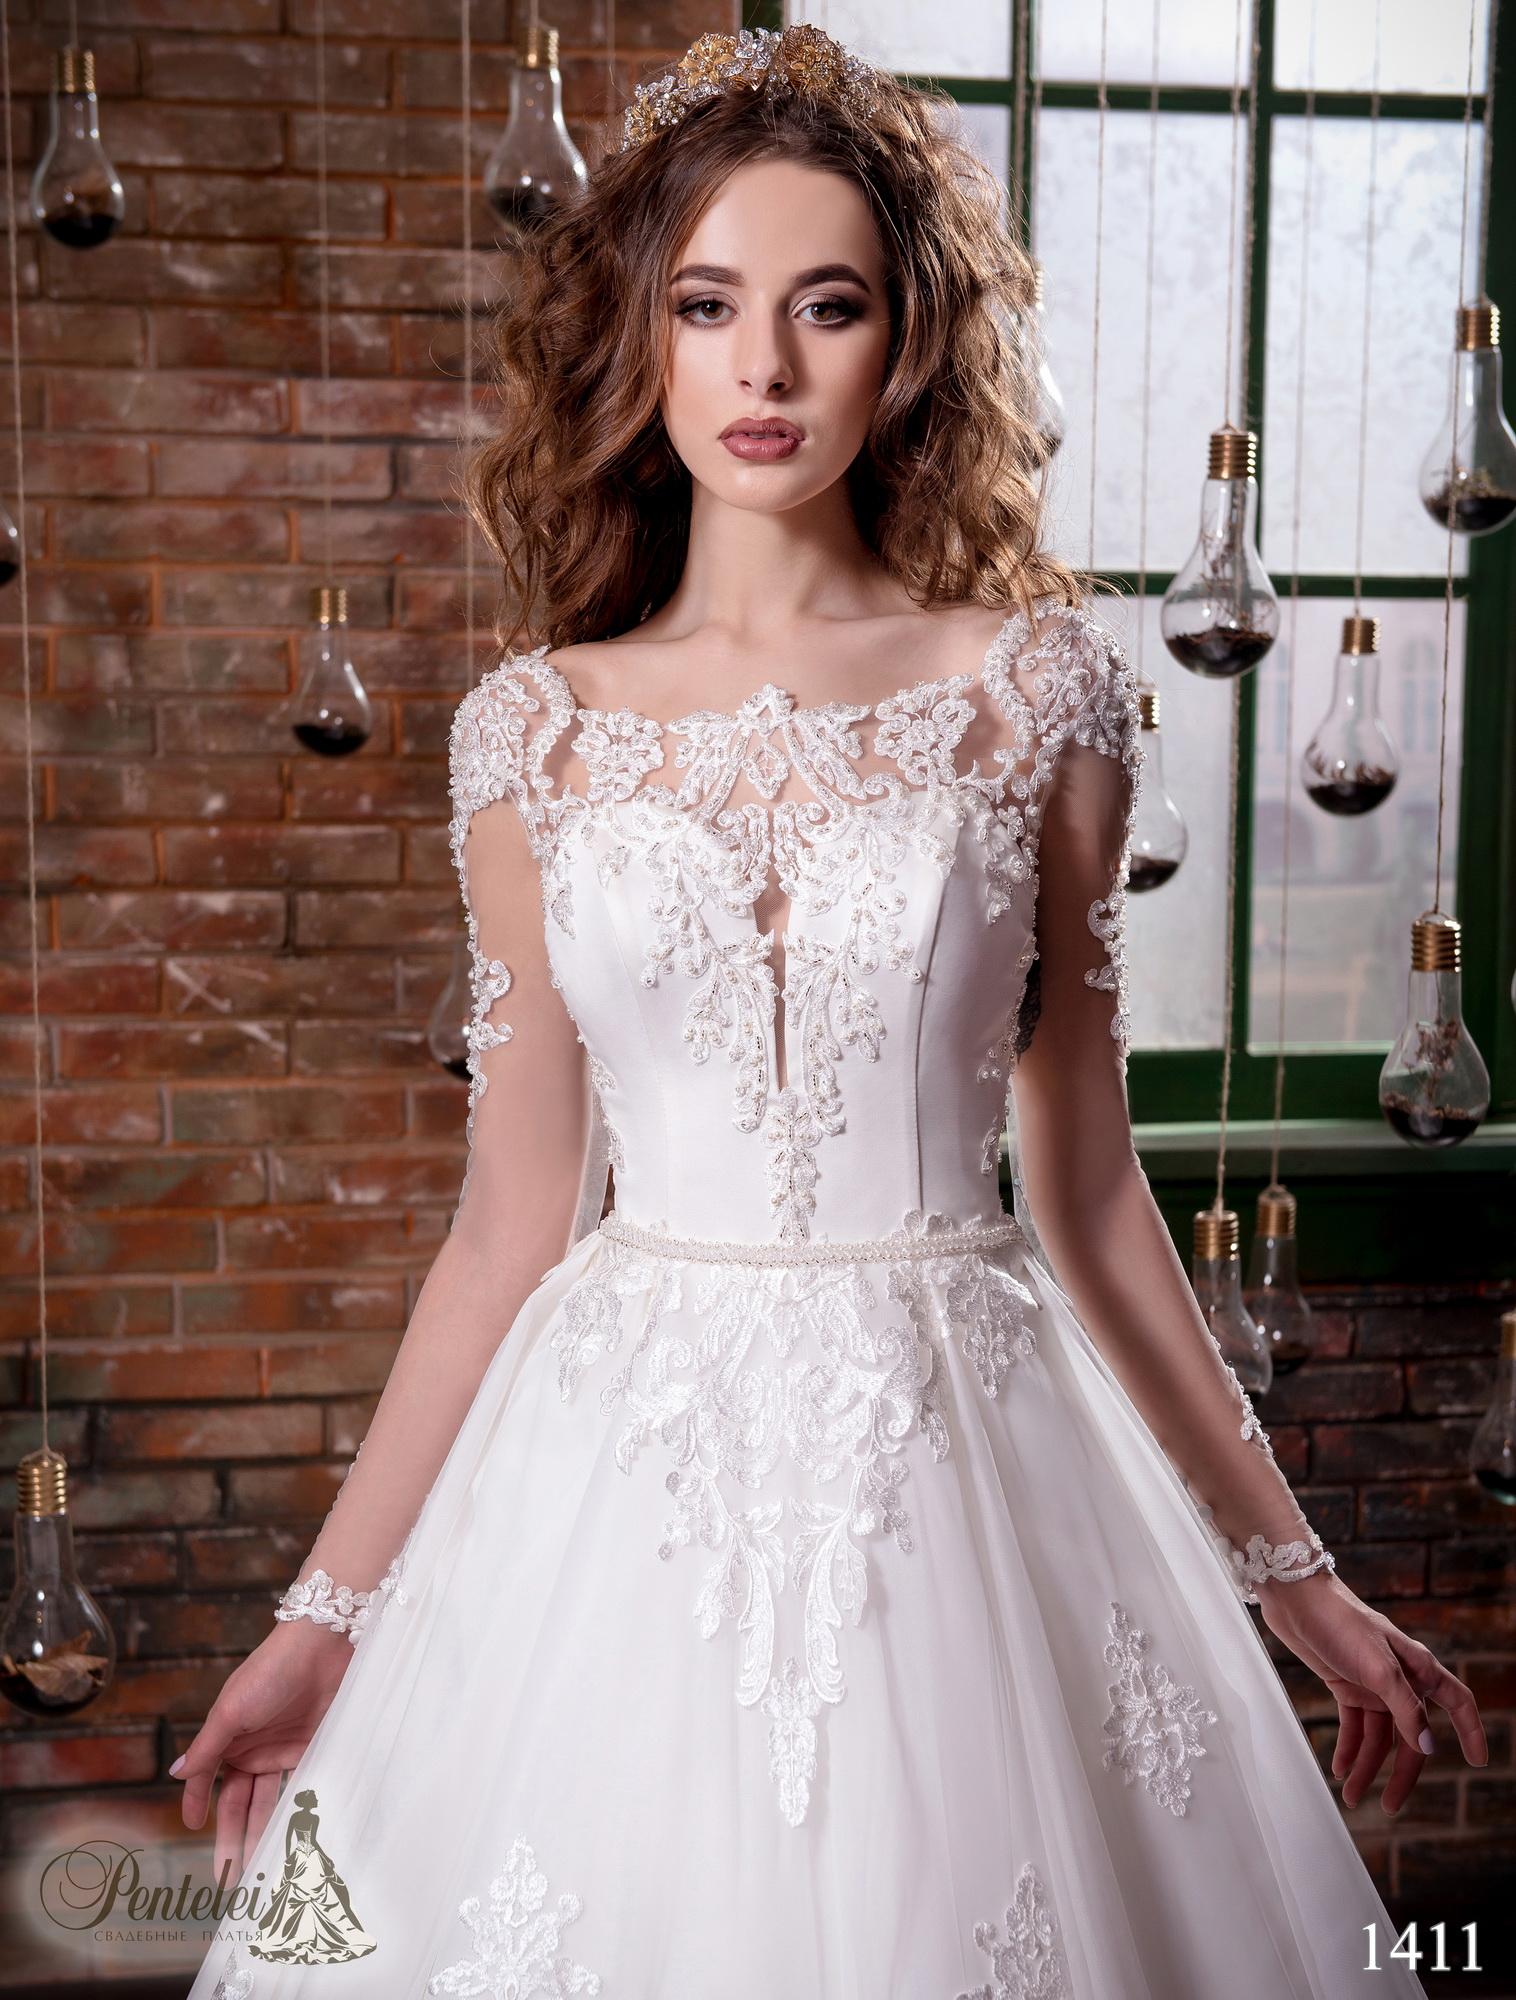 1411 | Купить свадебные платья оптом от Pentelei